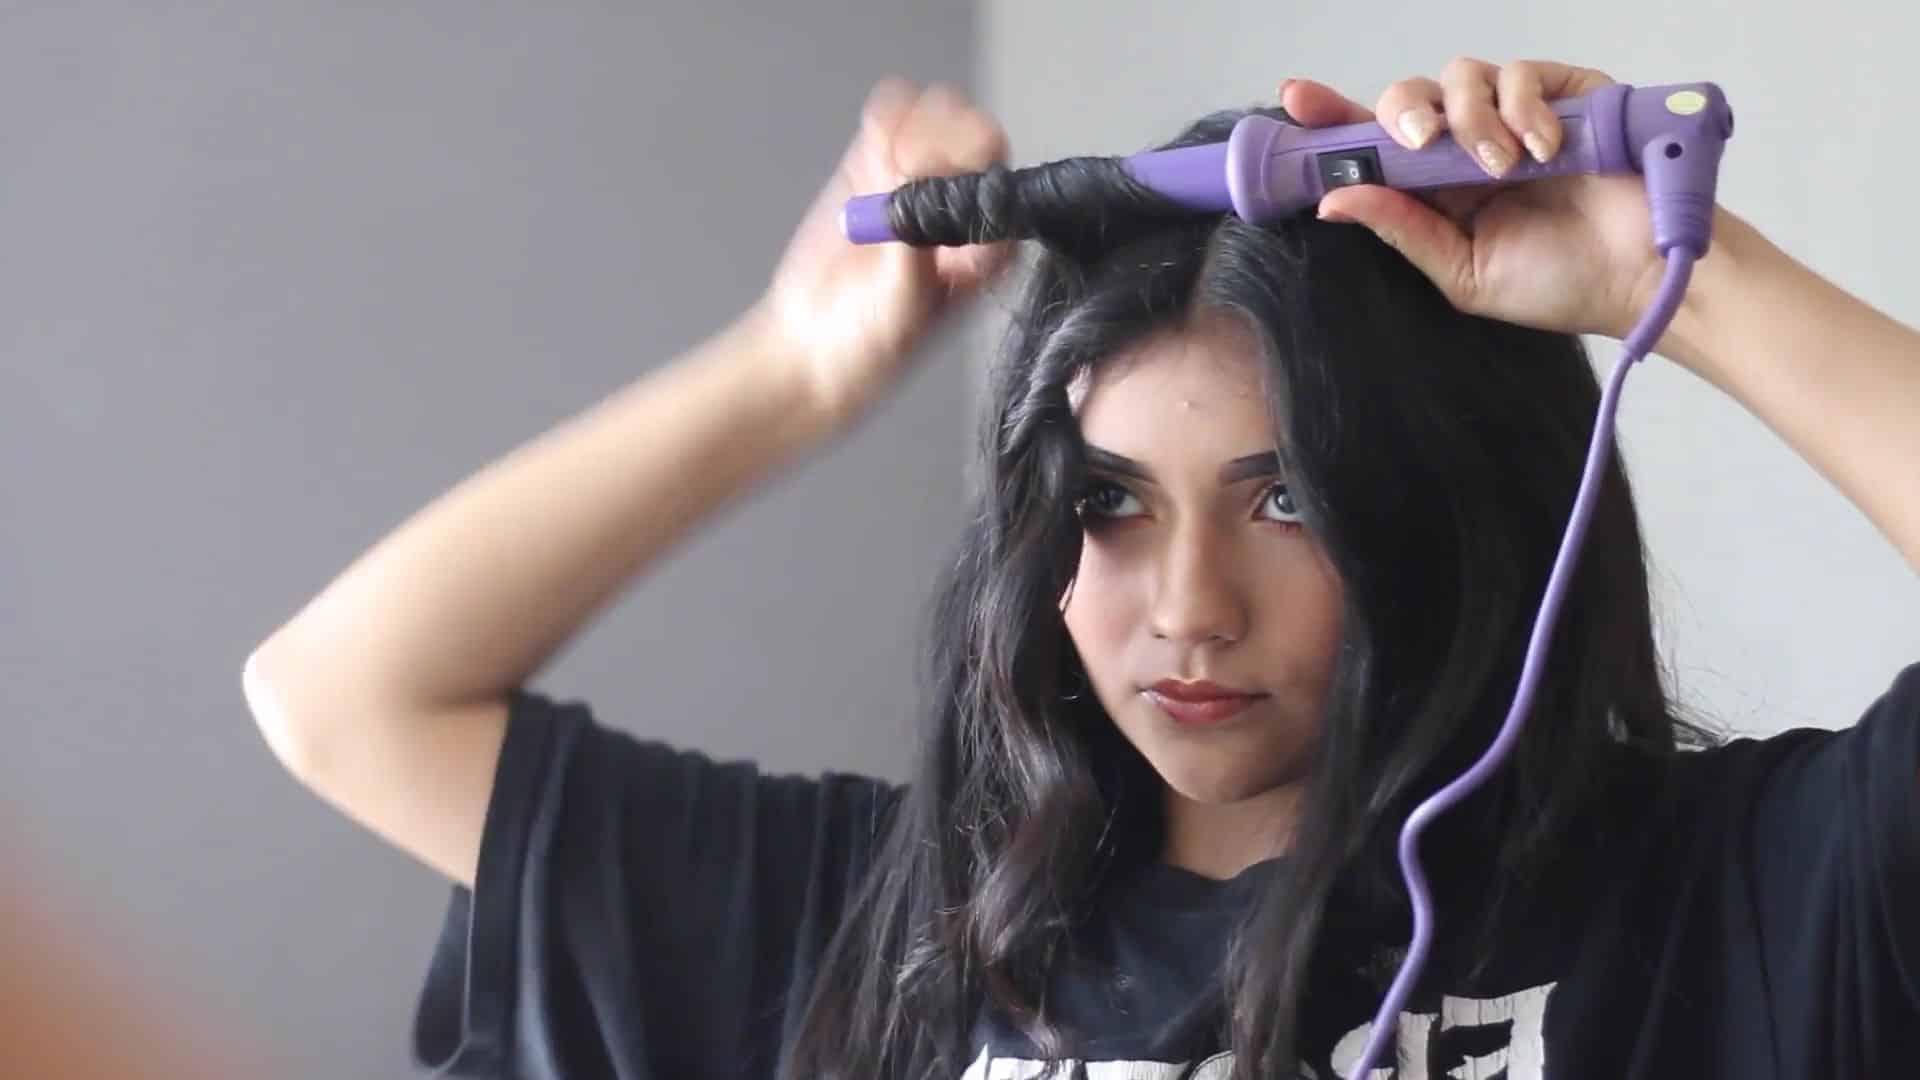 Paulina del Campo Maquillaje para cuando tienes pereza 2020, rizadora de cabello, ondas, outfit.